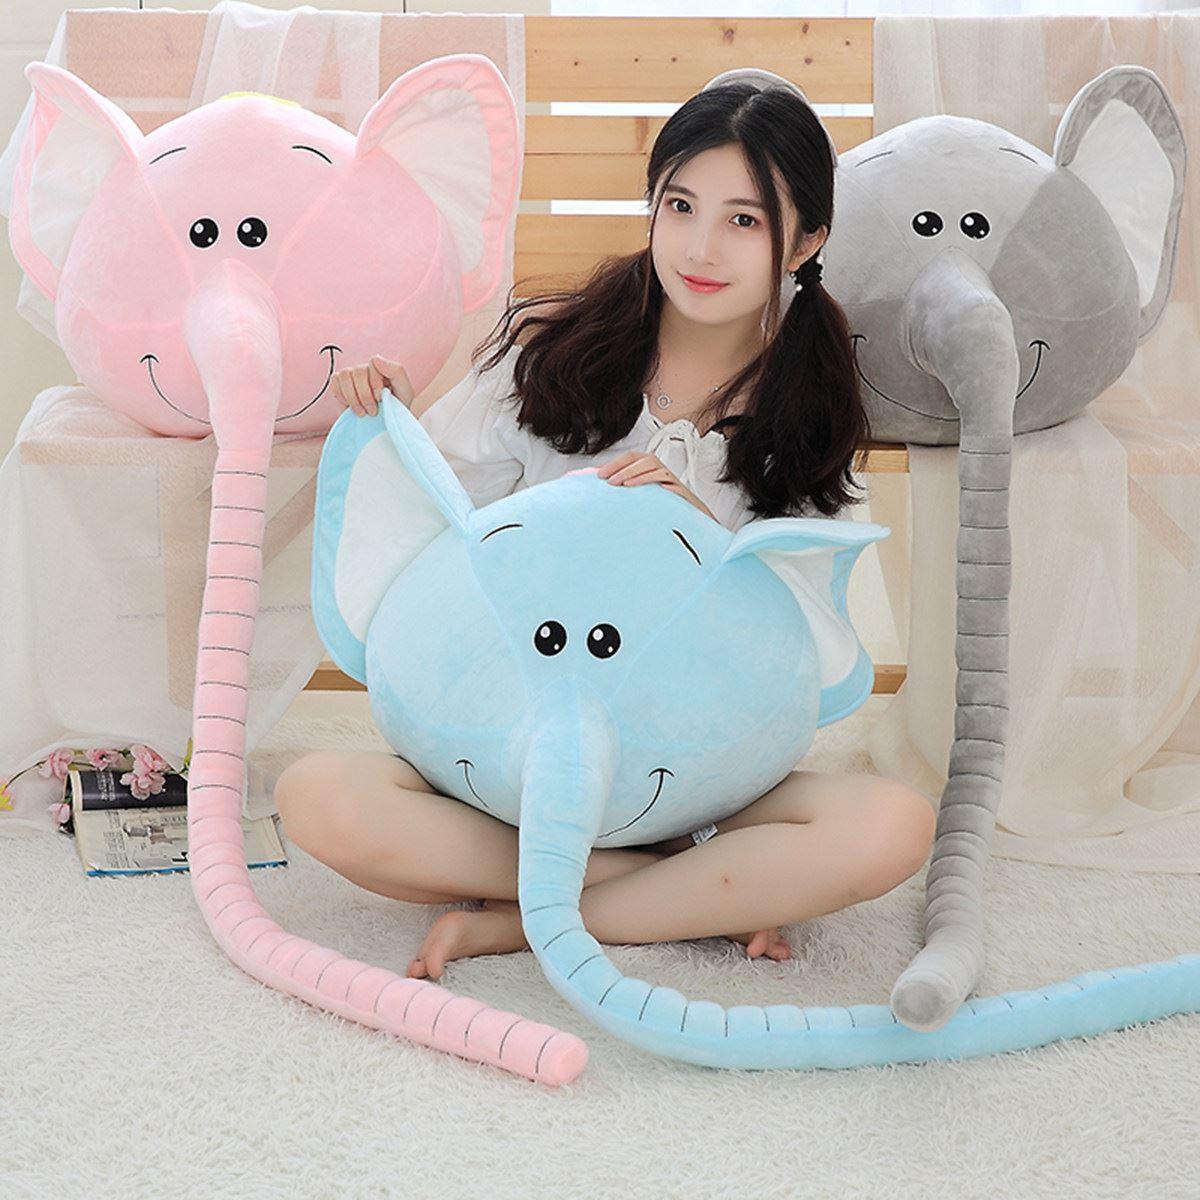 卡通长鼻象大象公仔长鼻子抱枕毛绒玩具丑萌娃娃睡觉枕头沙发靠垫